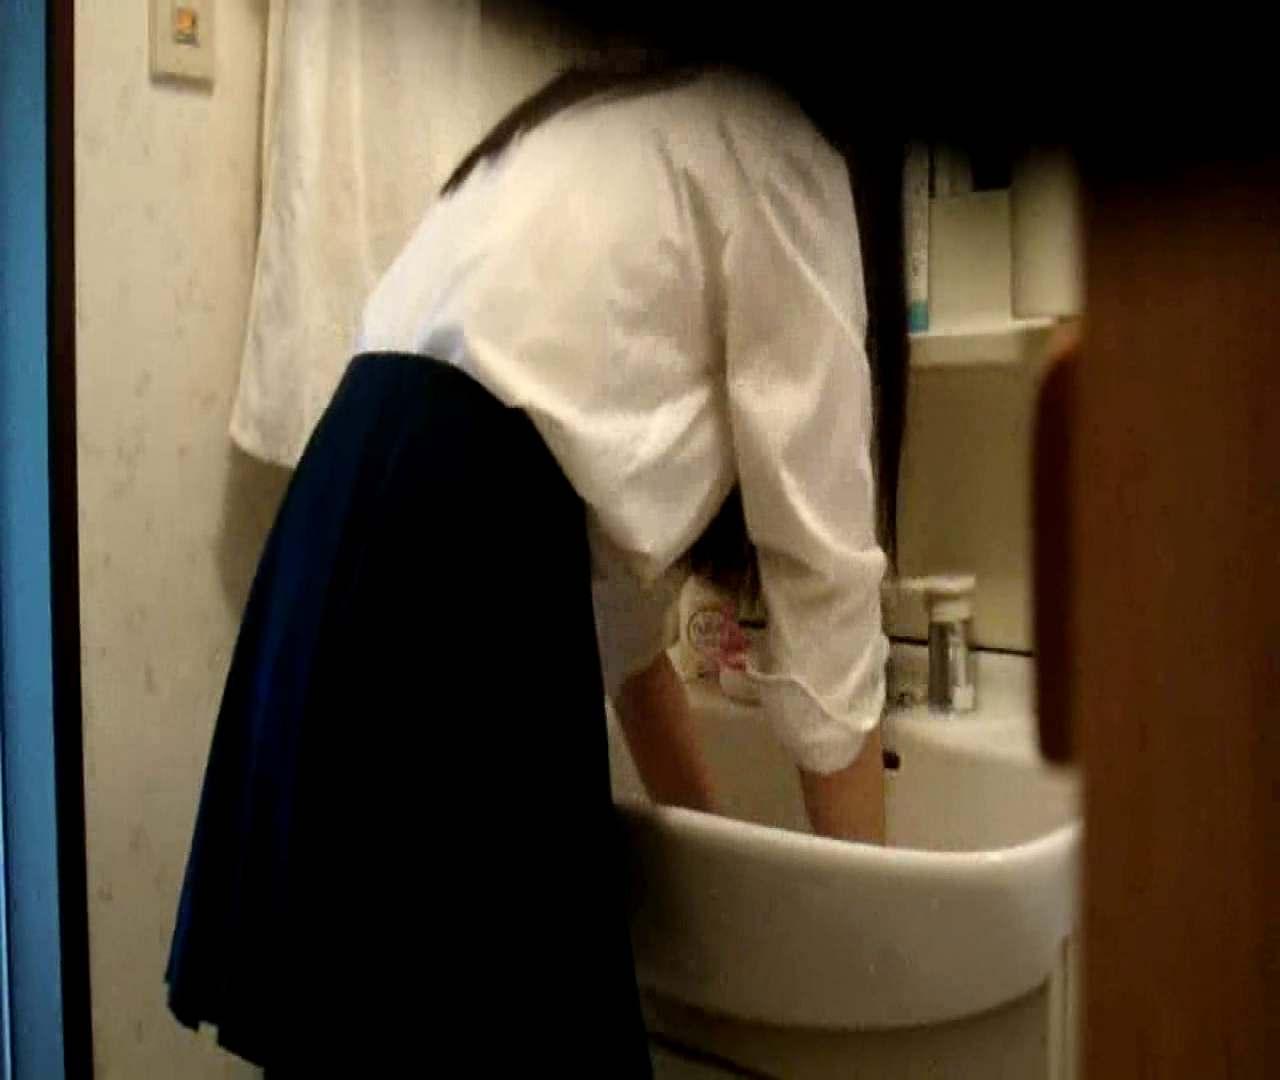 二人とも育てた甲斐がありました… vol.05 まどかが洗顔後にブラを洗濯 HなOL | 0  98pic 24